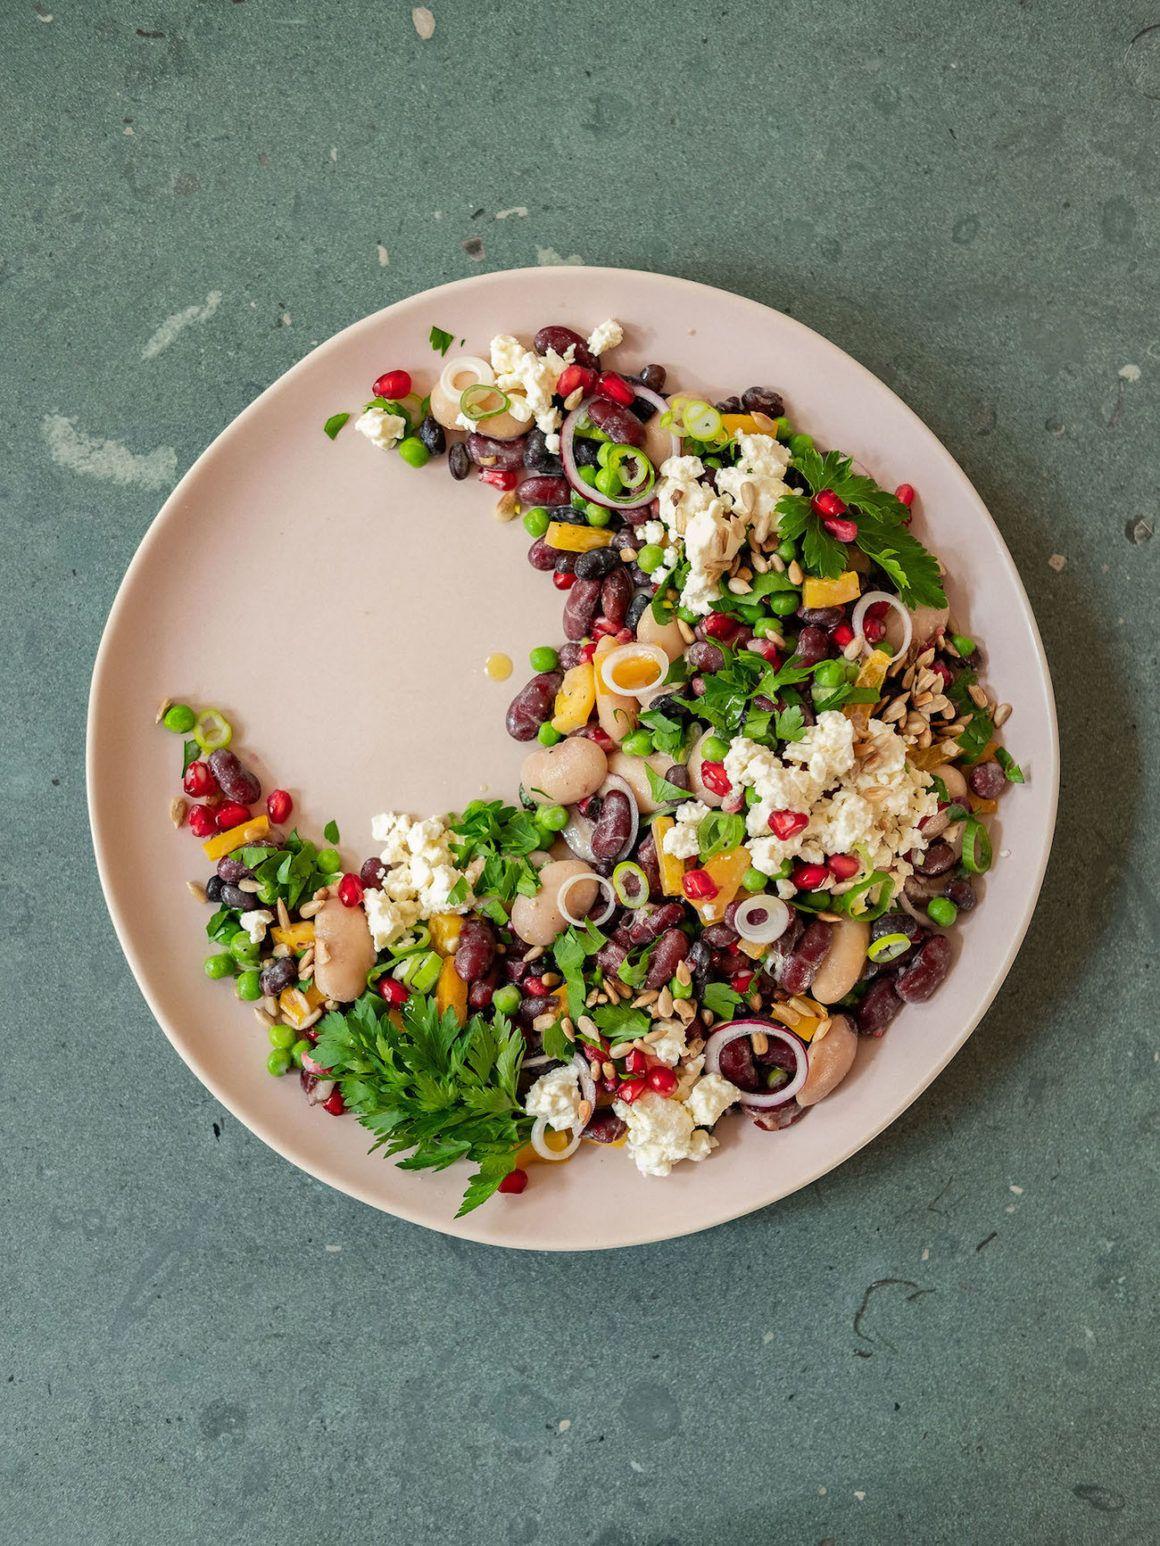 Foodblog, Rezept Bohnensalat, Zwiebeln, Erbsen, Kidneybohnen